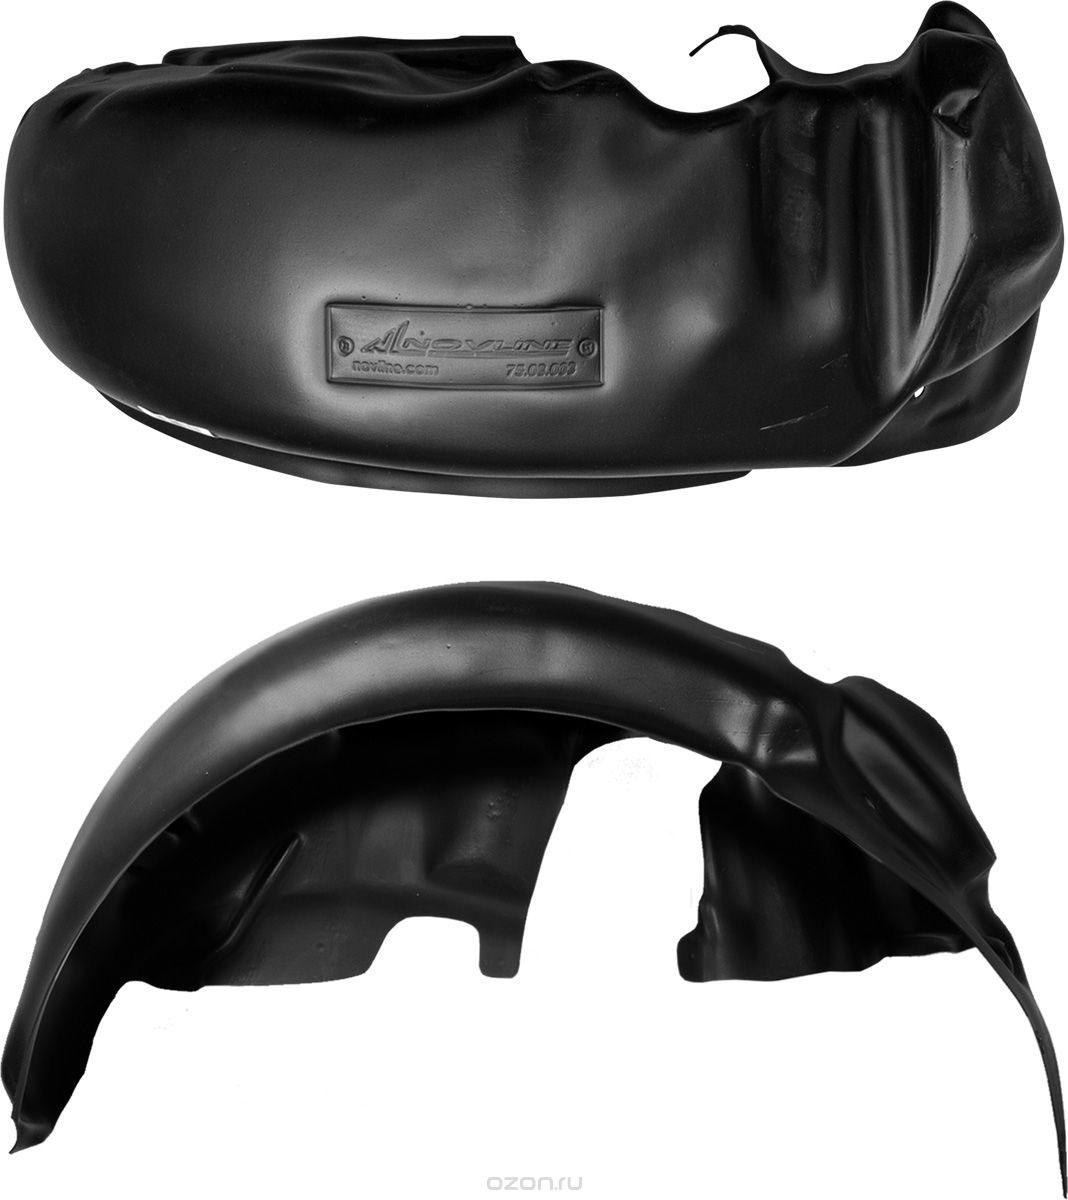 Подкрылок Novline-Autofamily, для TOYOTA Highlander, 2013->, передний левыйNLS.20.47.004Идеальная защита колесной ниши. Локеры разработаны с применением цифровых технологий, гарантируют максимальную повторяемость поверхности арки. Изделия устанавливаются без нарушения лакокрасочного покрытия автомобиля, каждый подкрылок комплектуется крепежом. Уважаемые клиенты, обращаем ваше внимание, что фотографии на подкрылки универсальные и не отражают реальную форму изделия. При этом само изделие идет точно под размер указанного автомобиля.